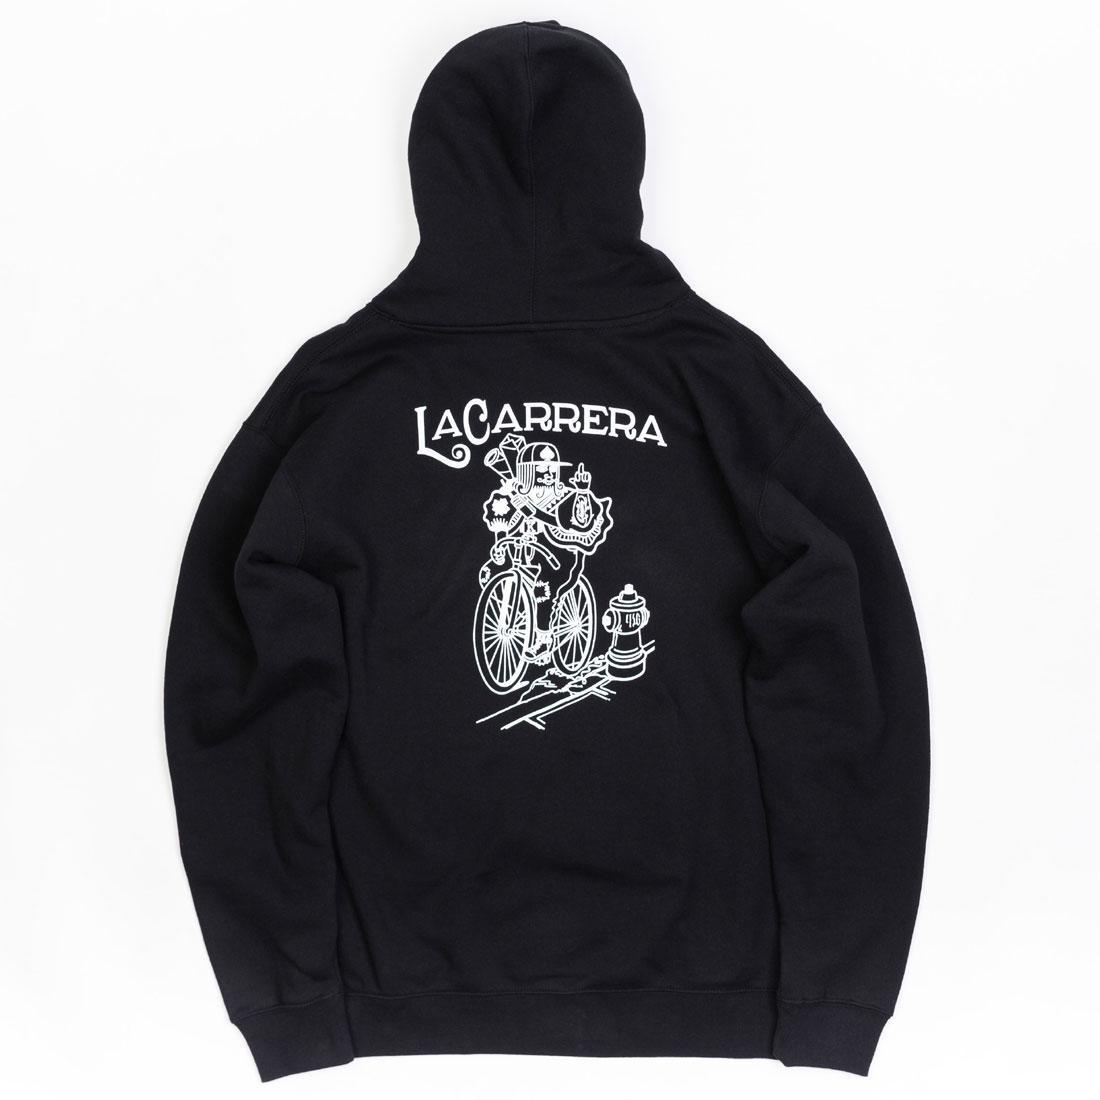 【海外限定】フーディー パーカー メンズファッション トップス 【 LA CARRERA MEN KING RIDES AGAIN HOODY BLACK 】